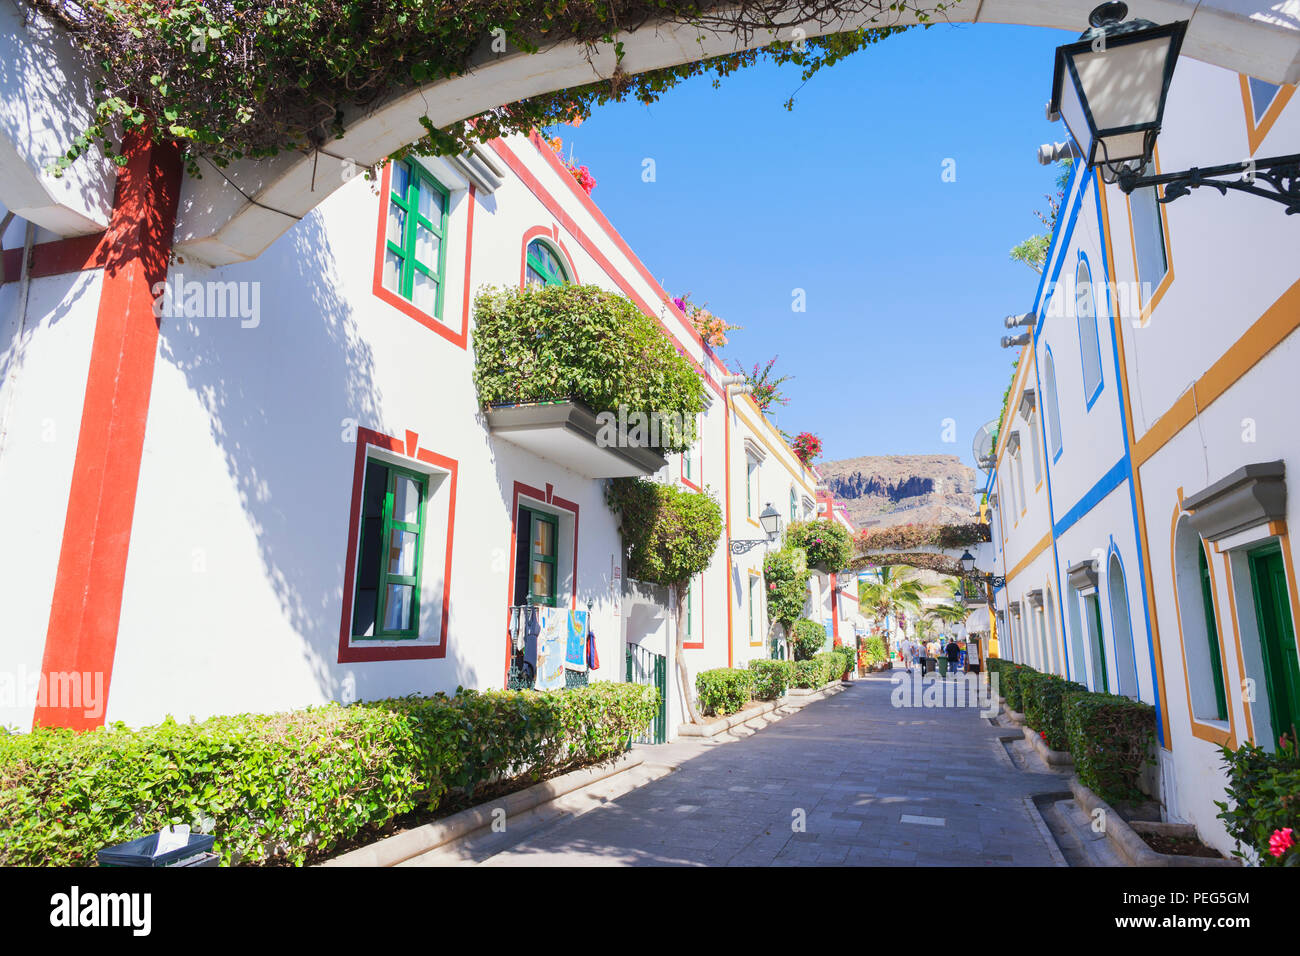 Haus dekoriert mit Flora, Puerto de Mogan, Gran Canaria, Kanarische Inseln, Spanien Stockbild